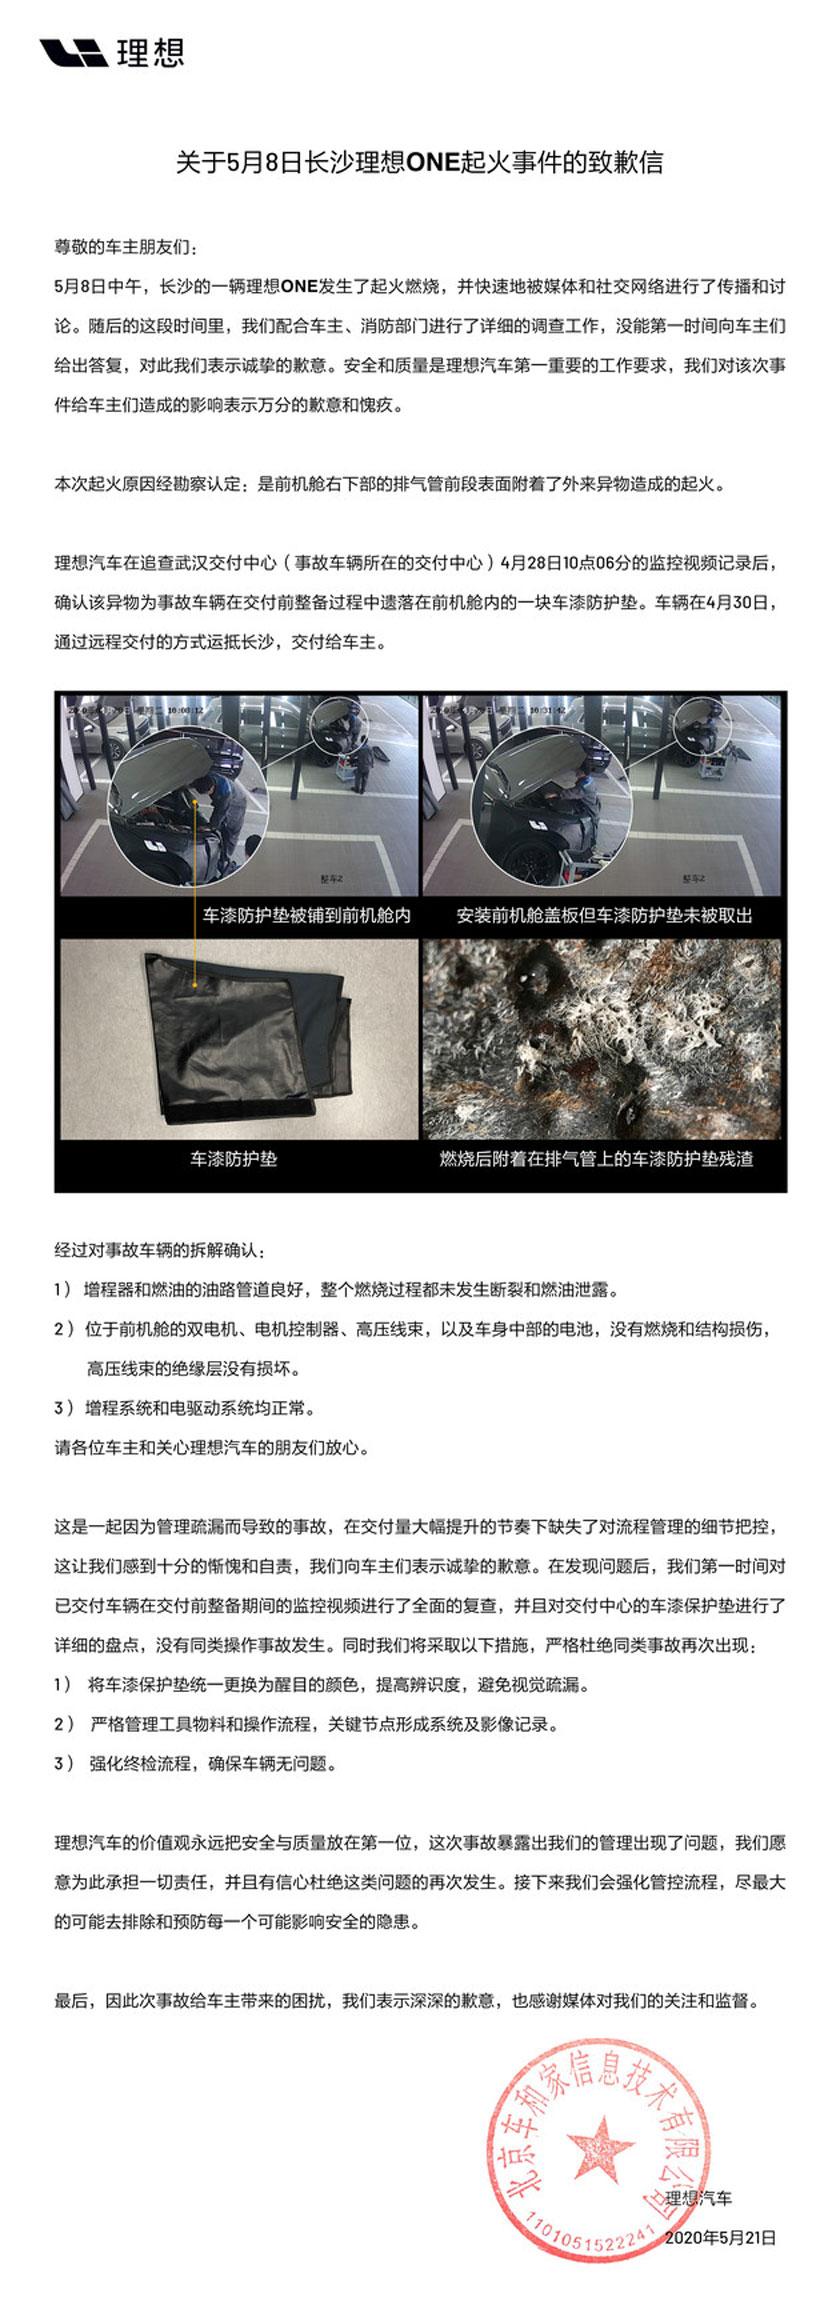 一块防护垫惹的祸 理想ONE自燃事故原因公布